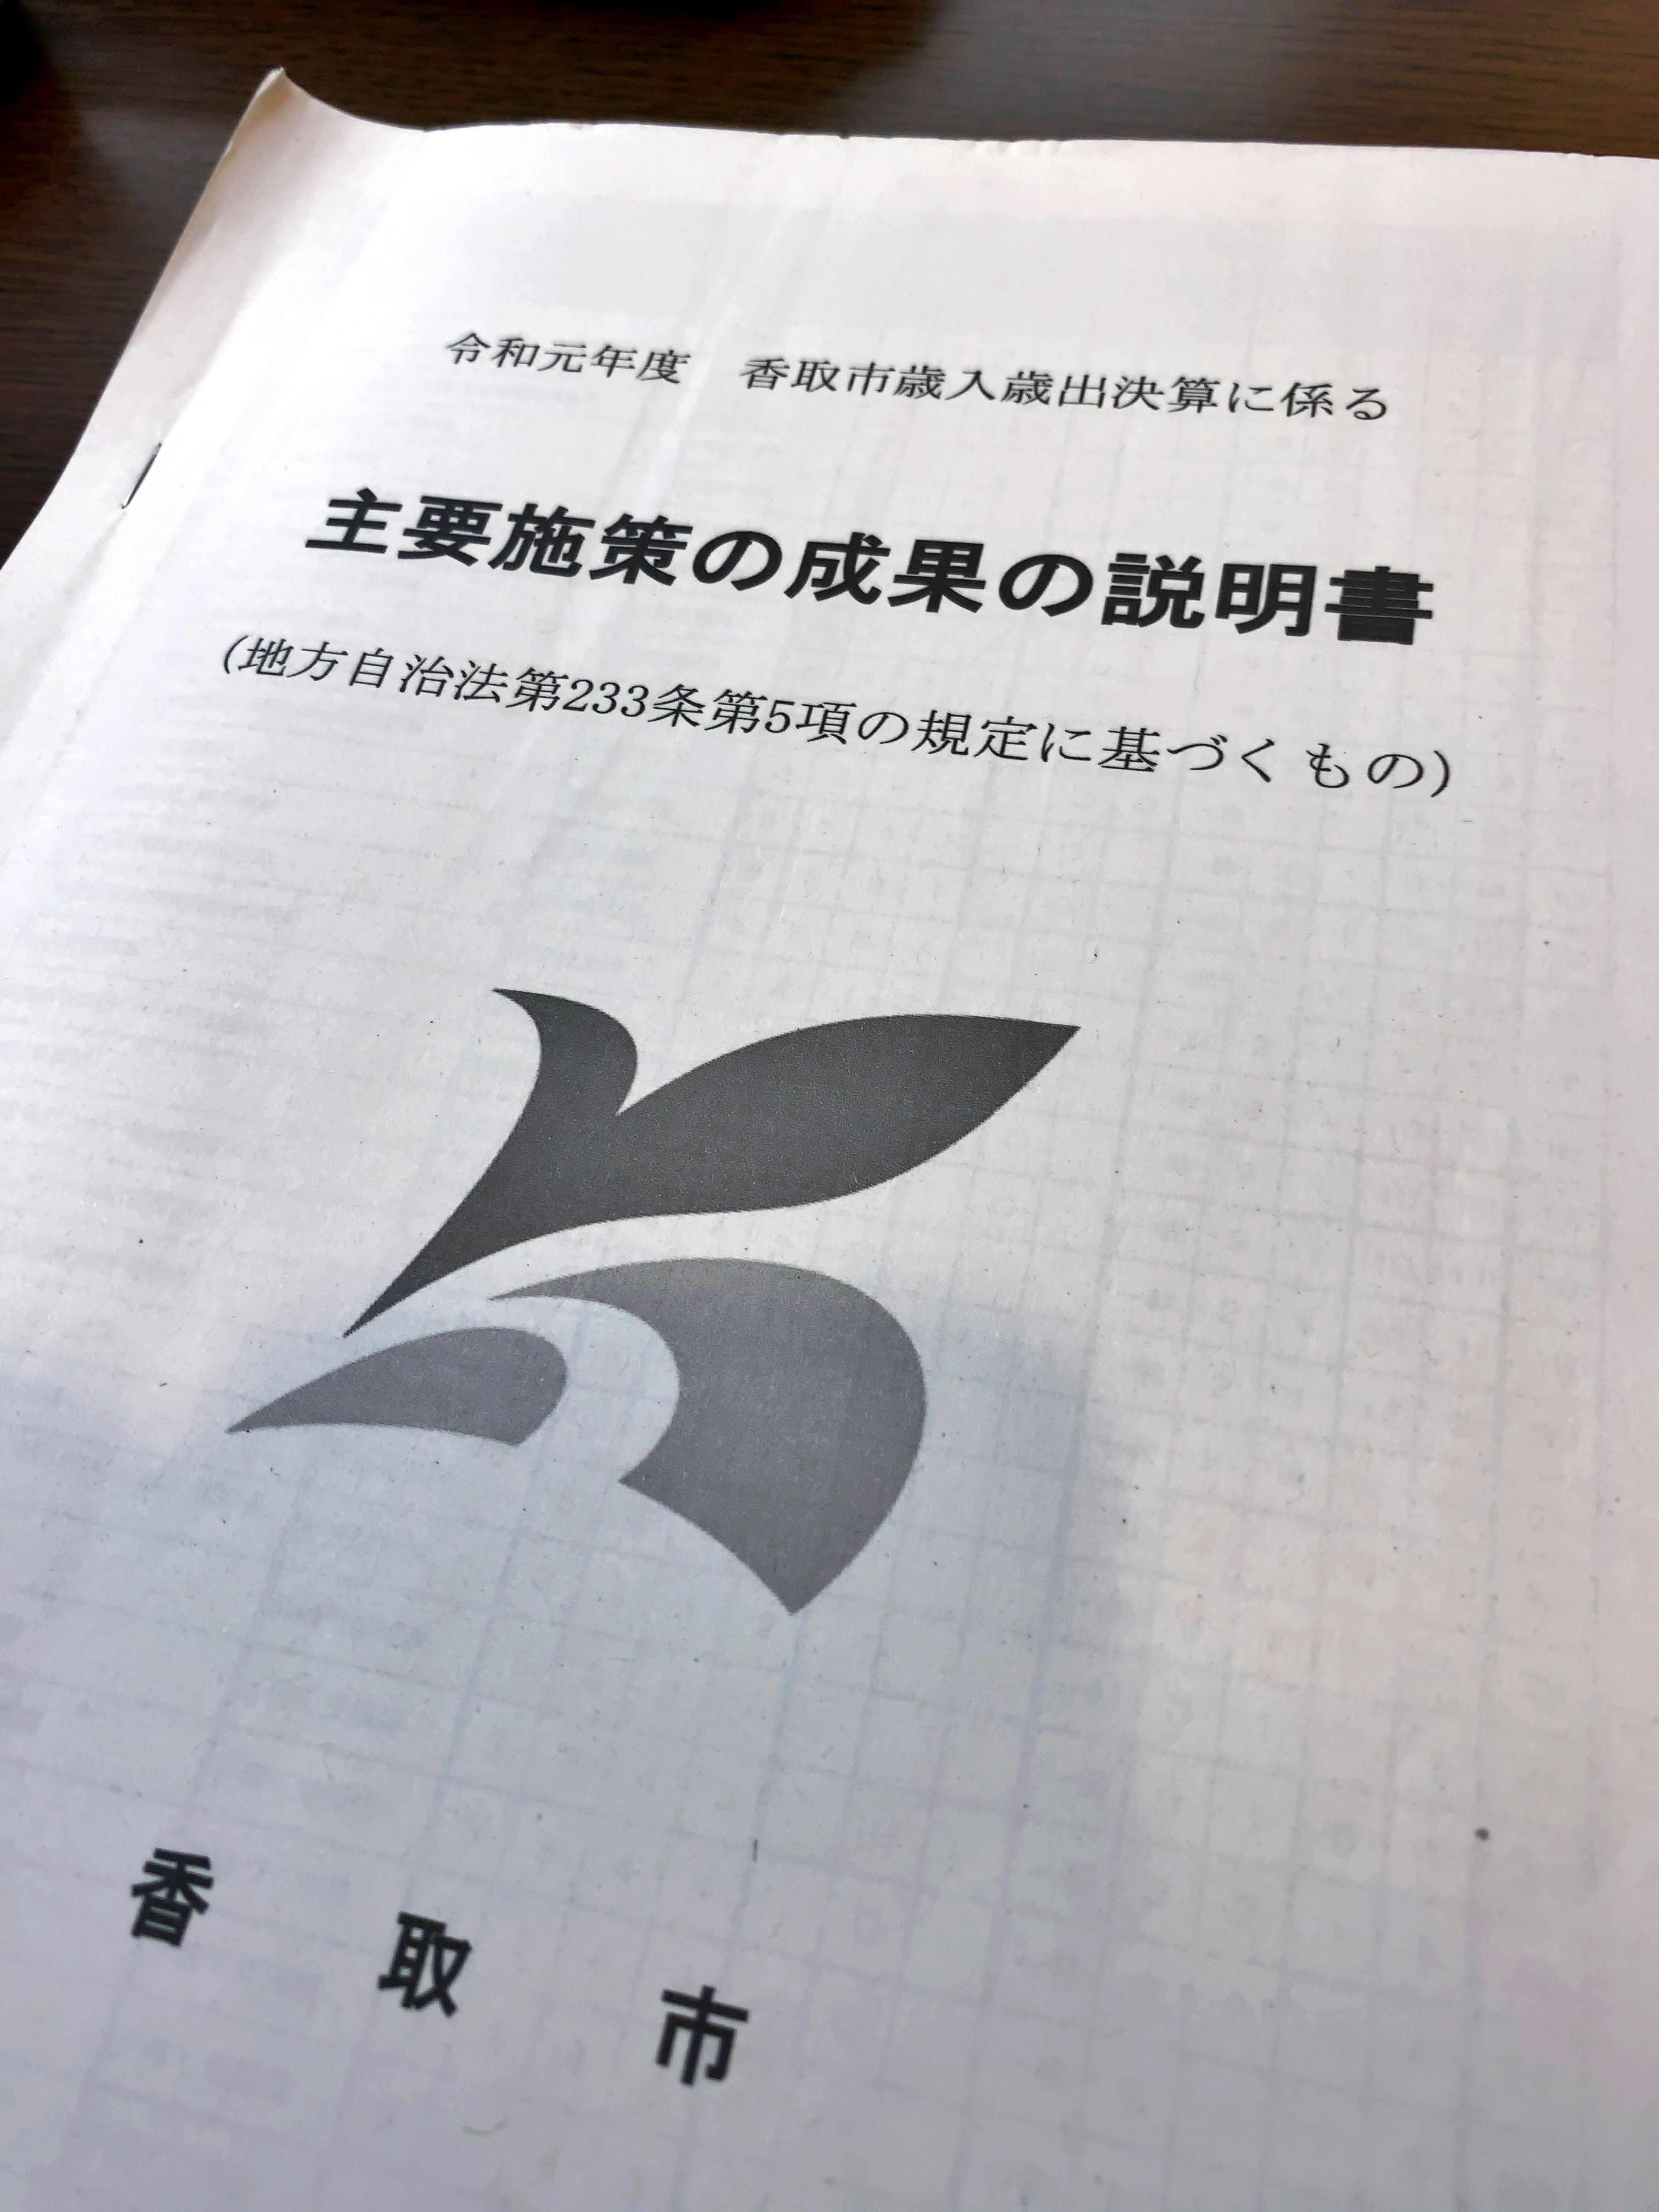 20200909決算審査特別委員会